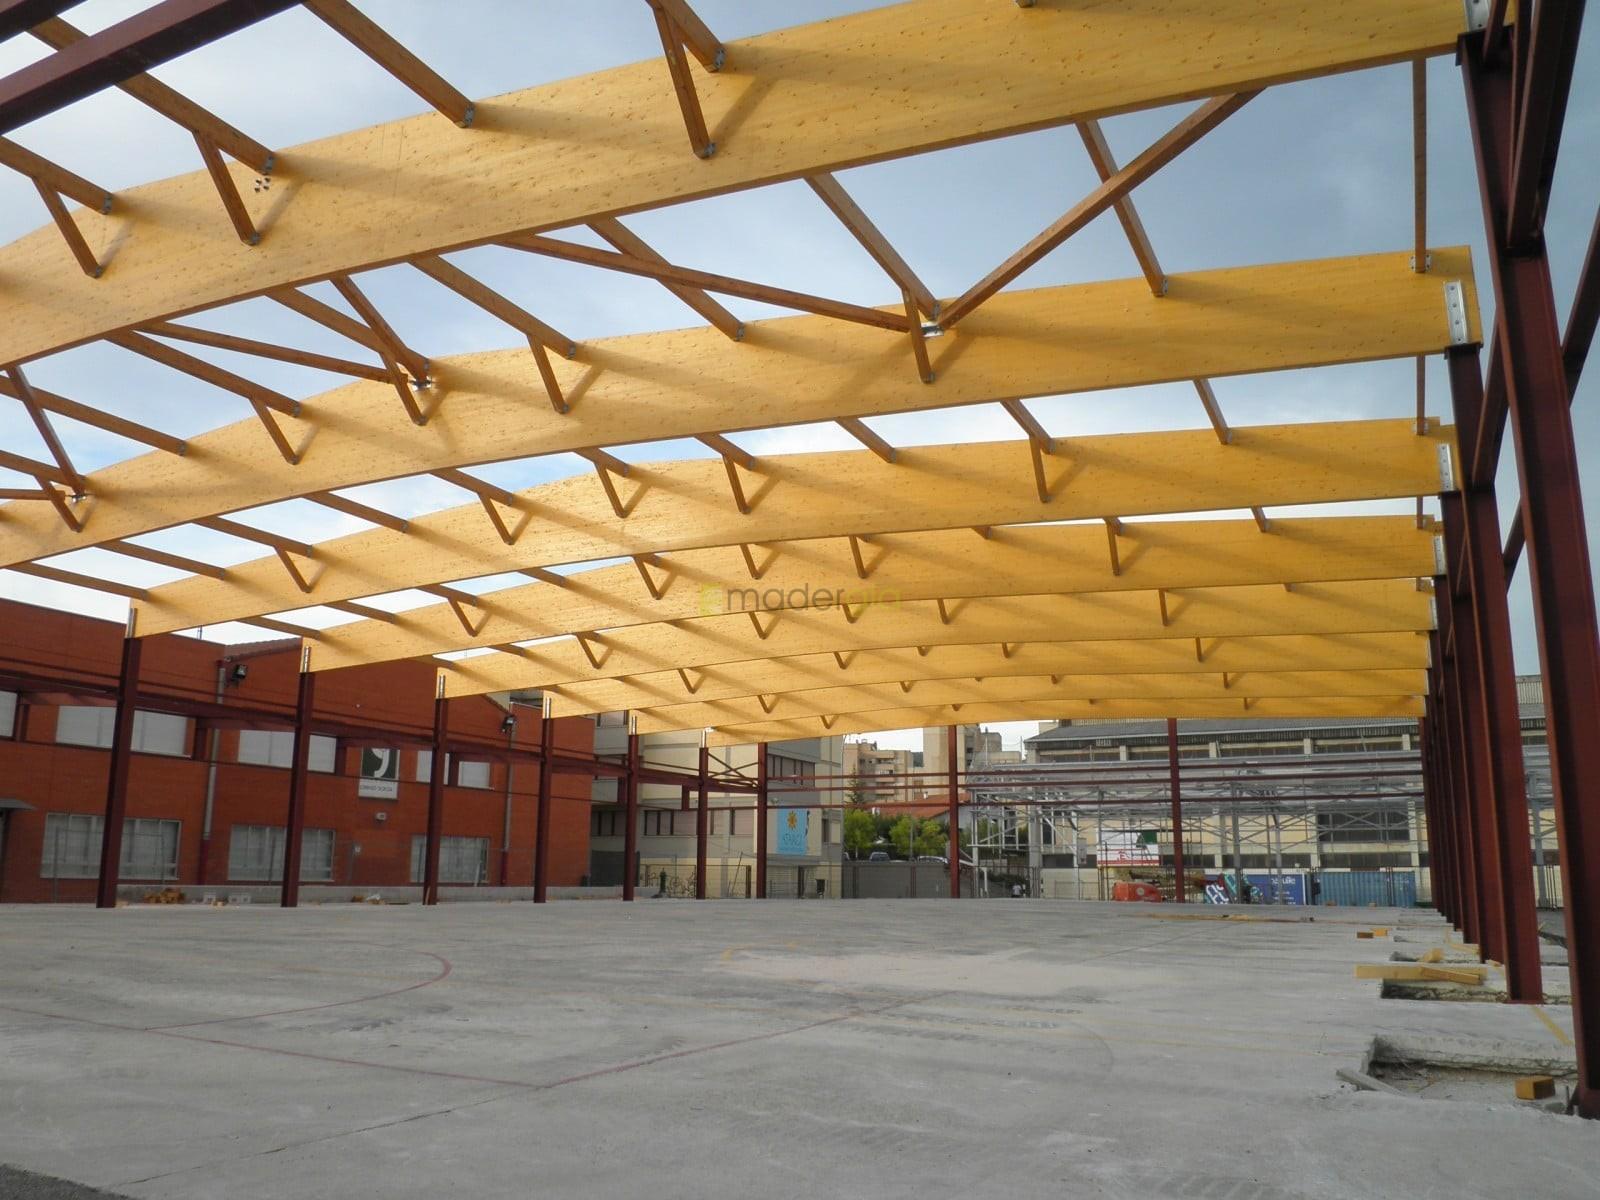 Cubierta parcial de patio de colegio madergia - Estructuras de madera laminada ...